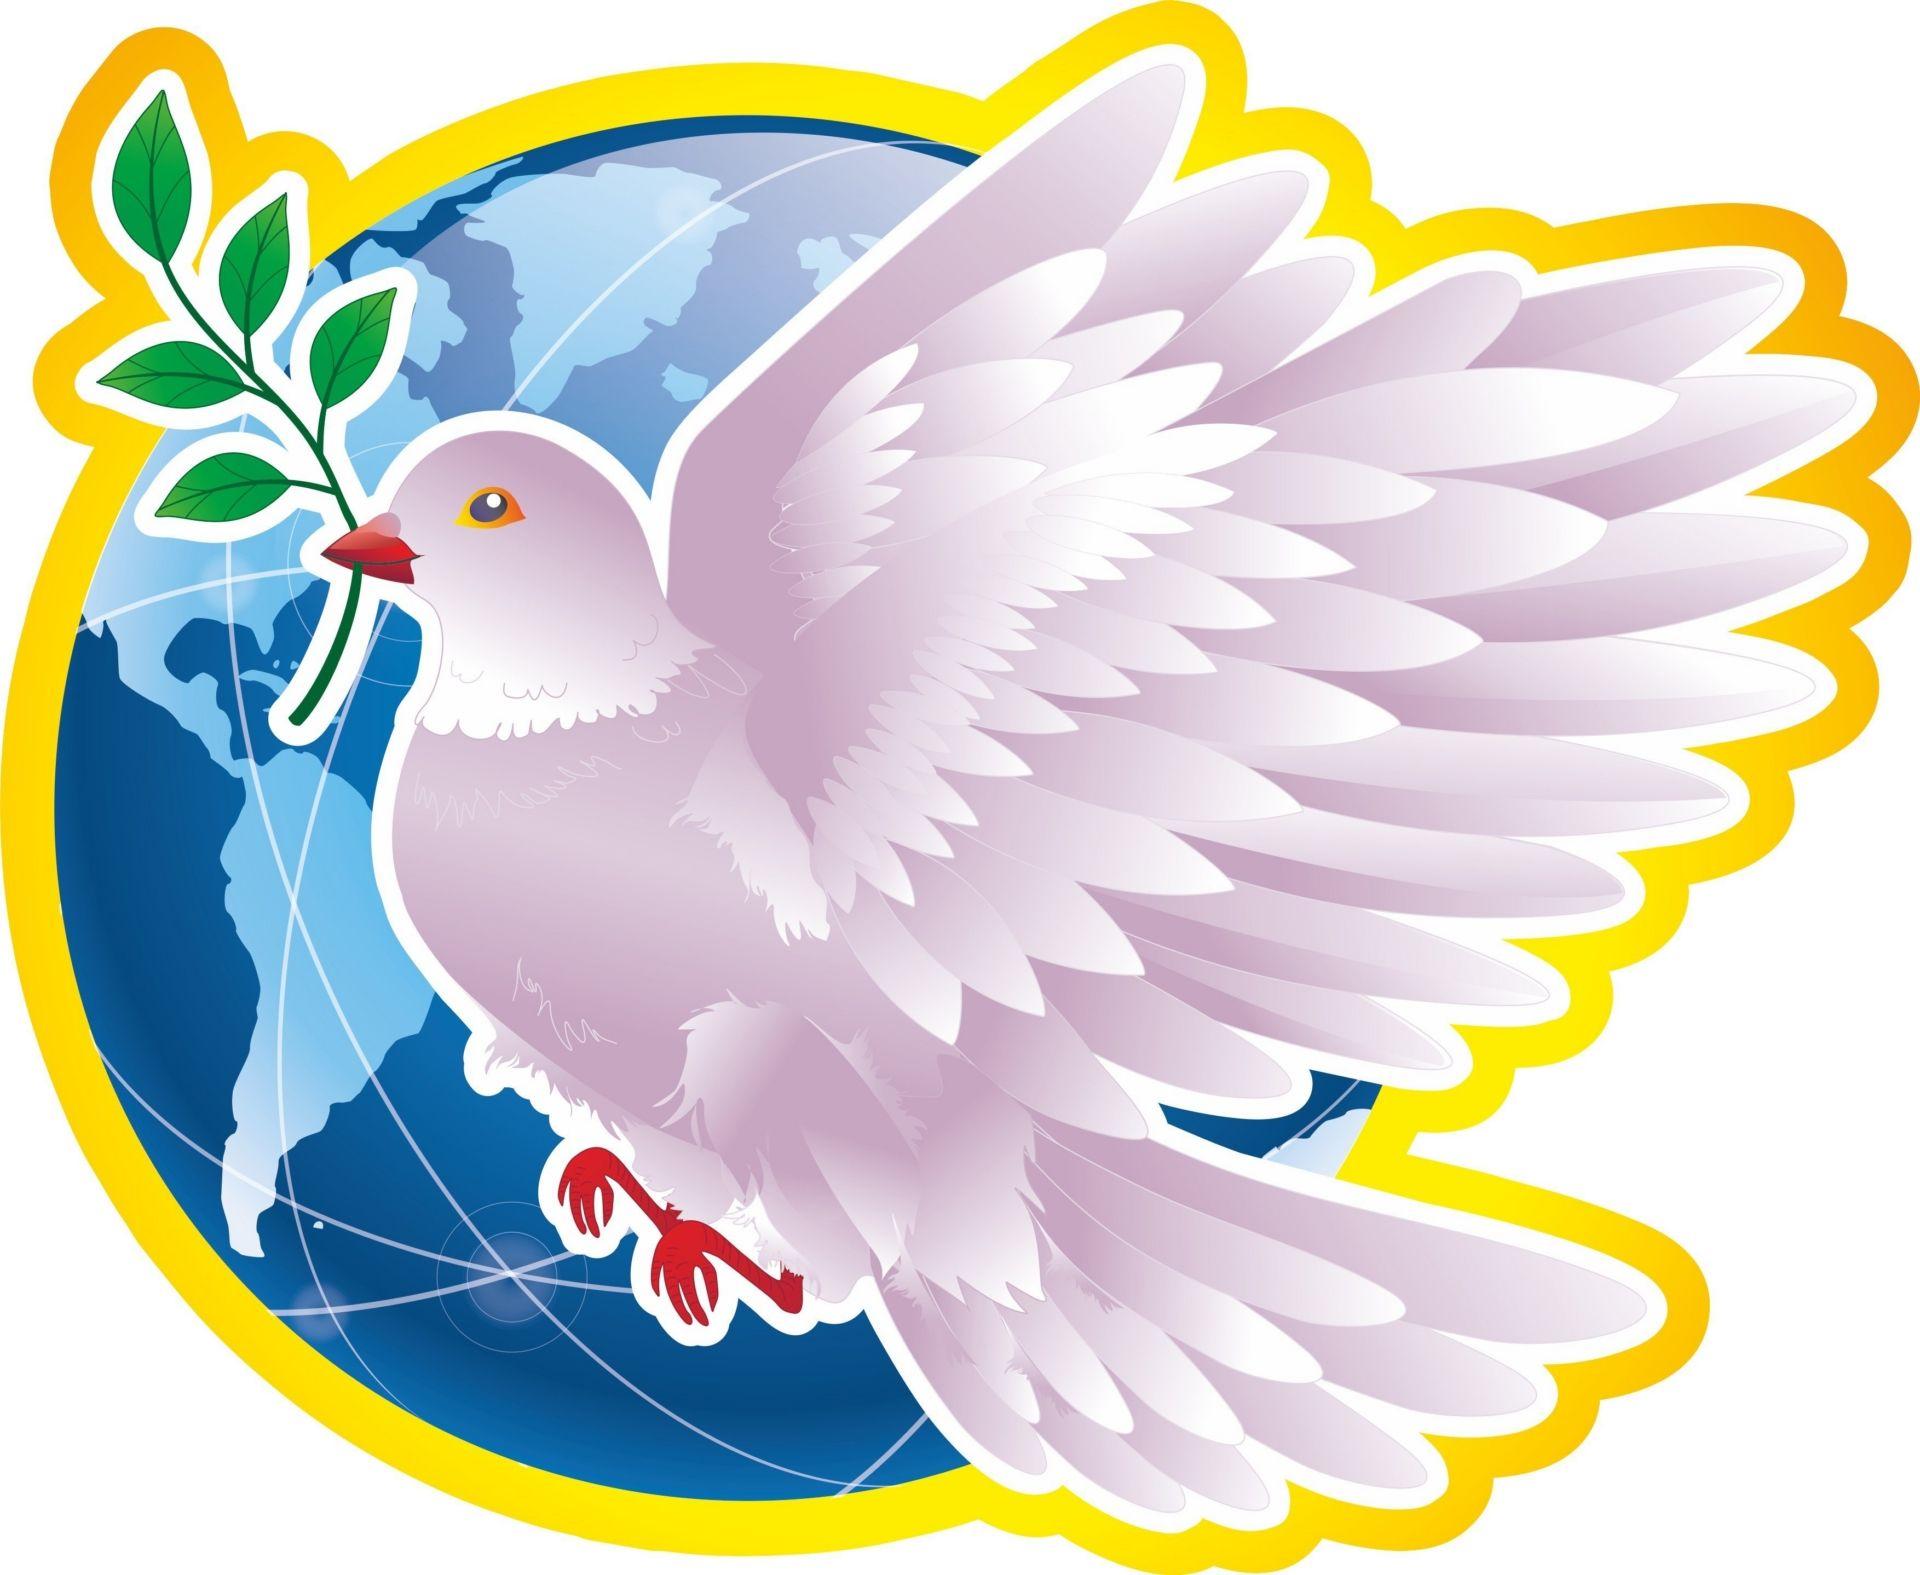 Плакат вырубной Голубь мира: 242х289Товары для оформления и проведения праздника<br>.<br><br>Год: 2018<br>Серия: Вырубные фигуры для оформления<br>Высота: 289<br>Ширина: 242<br>Переплёт: набор